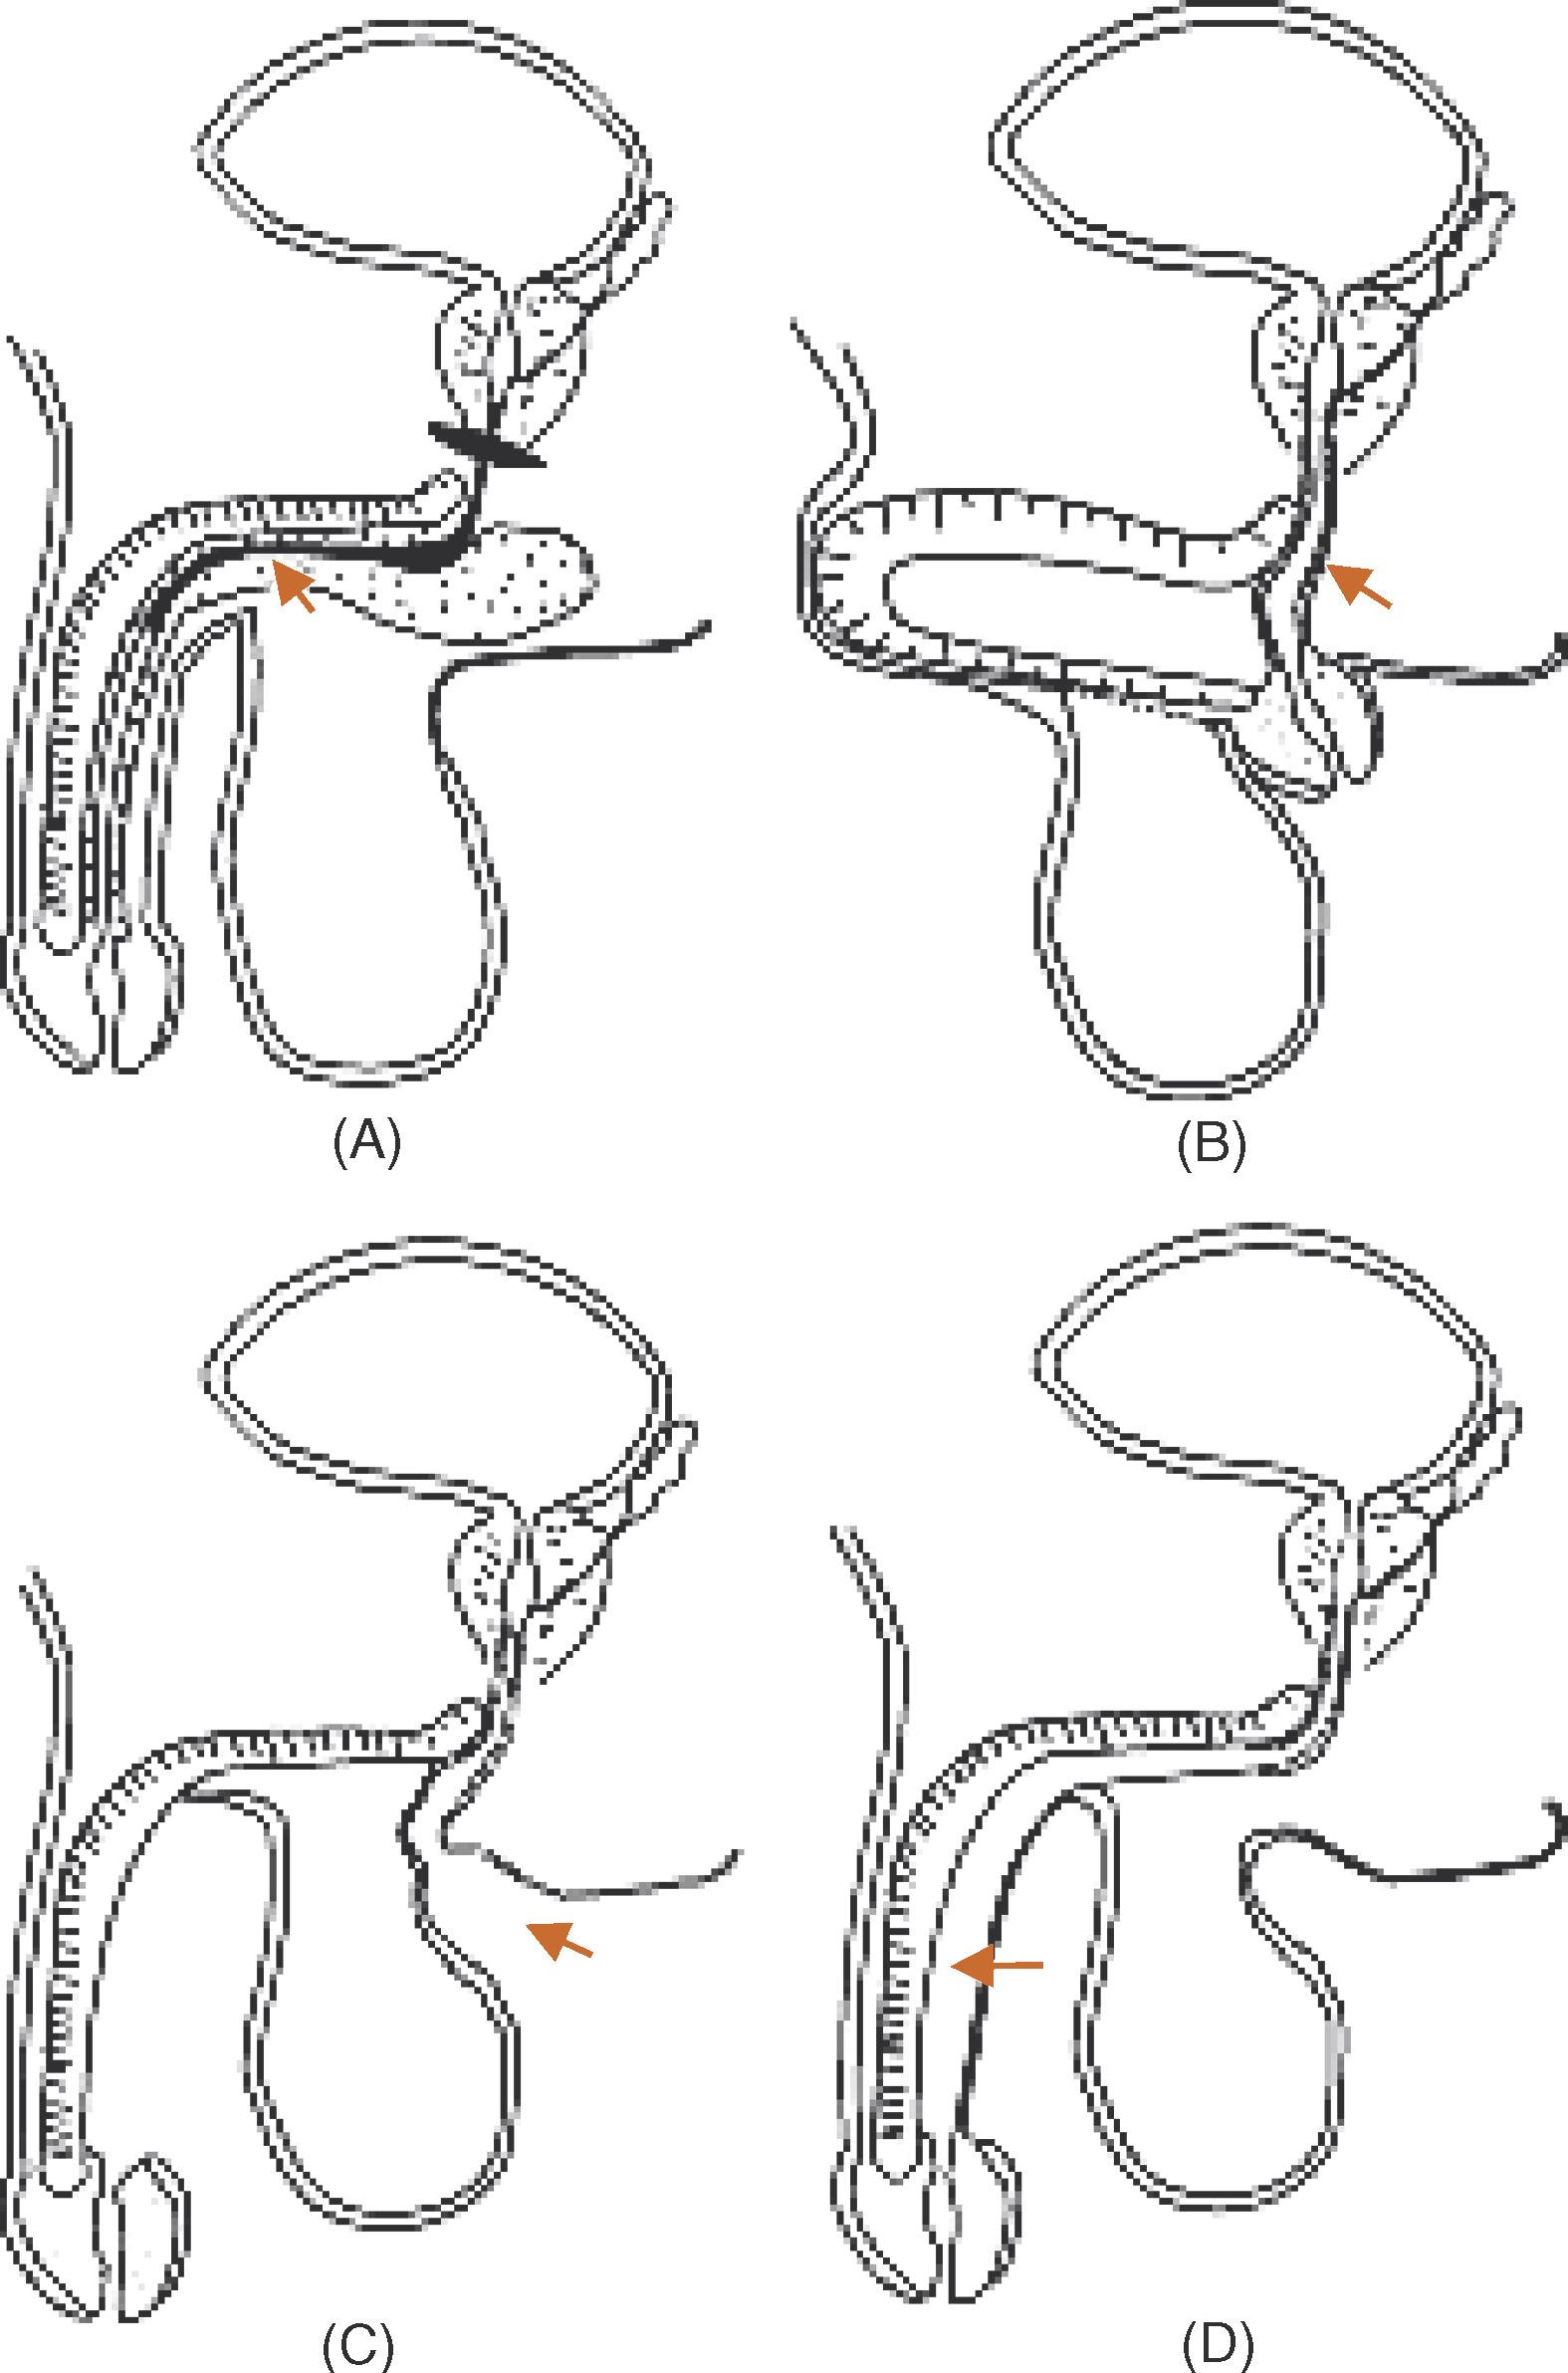 Staged Pendulous Prostatic Anastomotic Urethroplasty